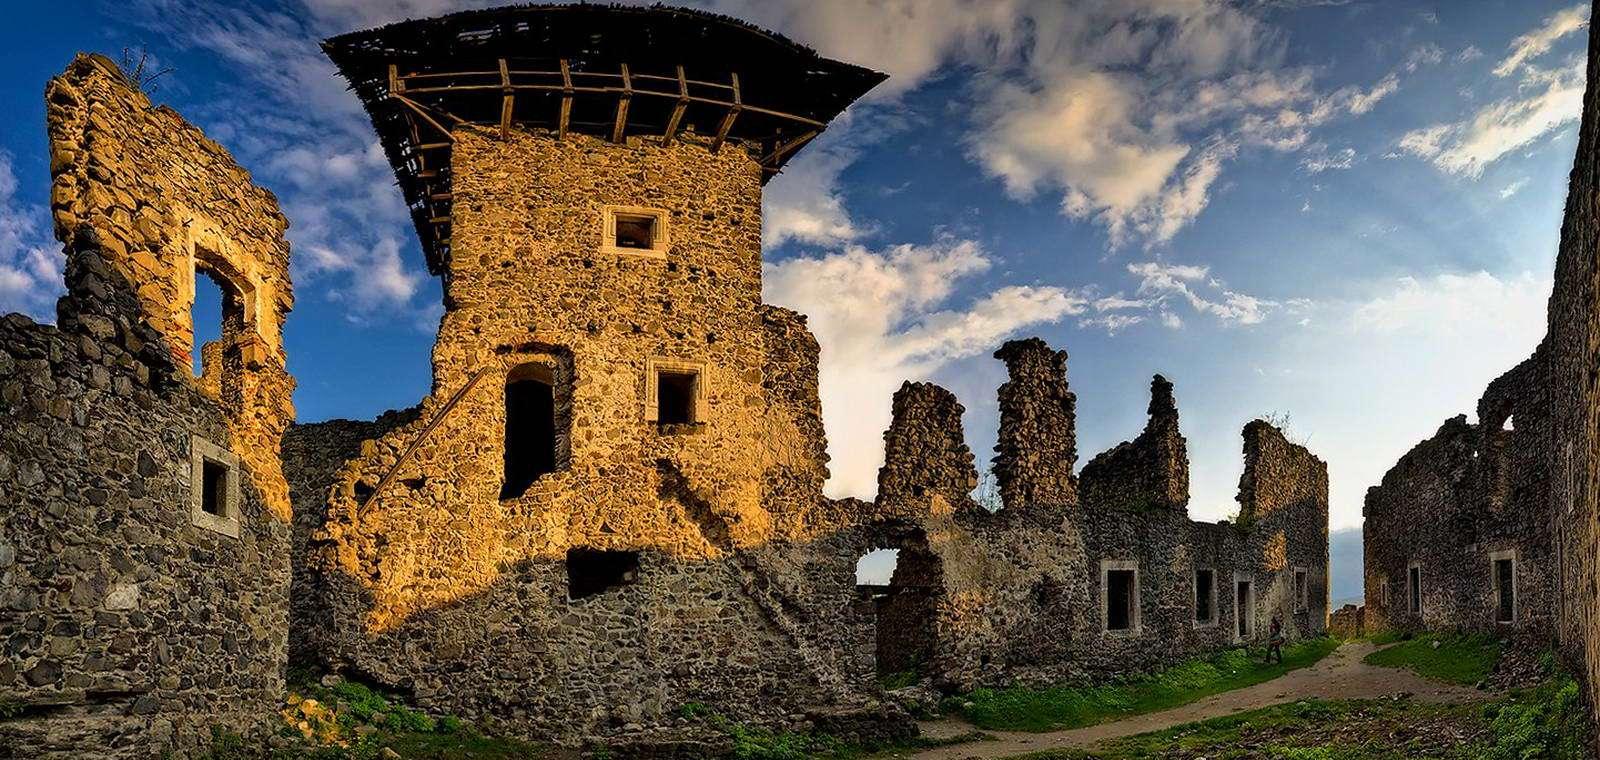 Невицький замок, Закарпатська область